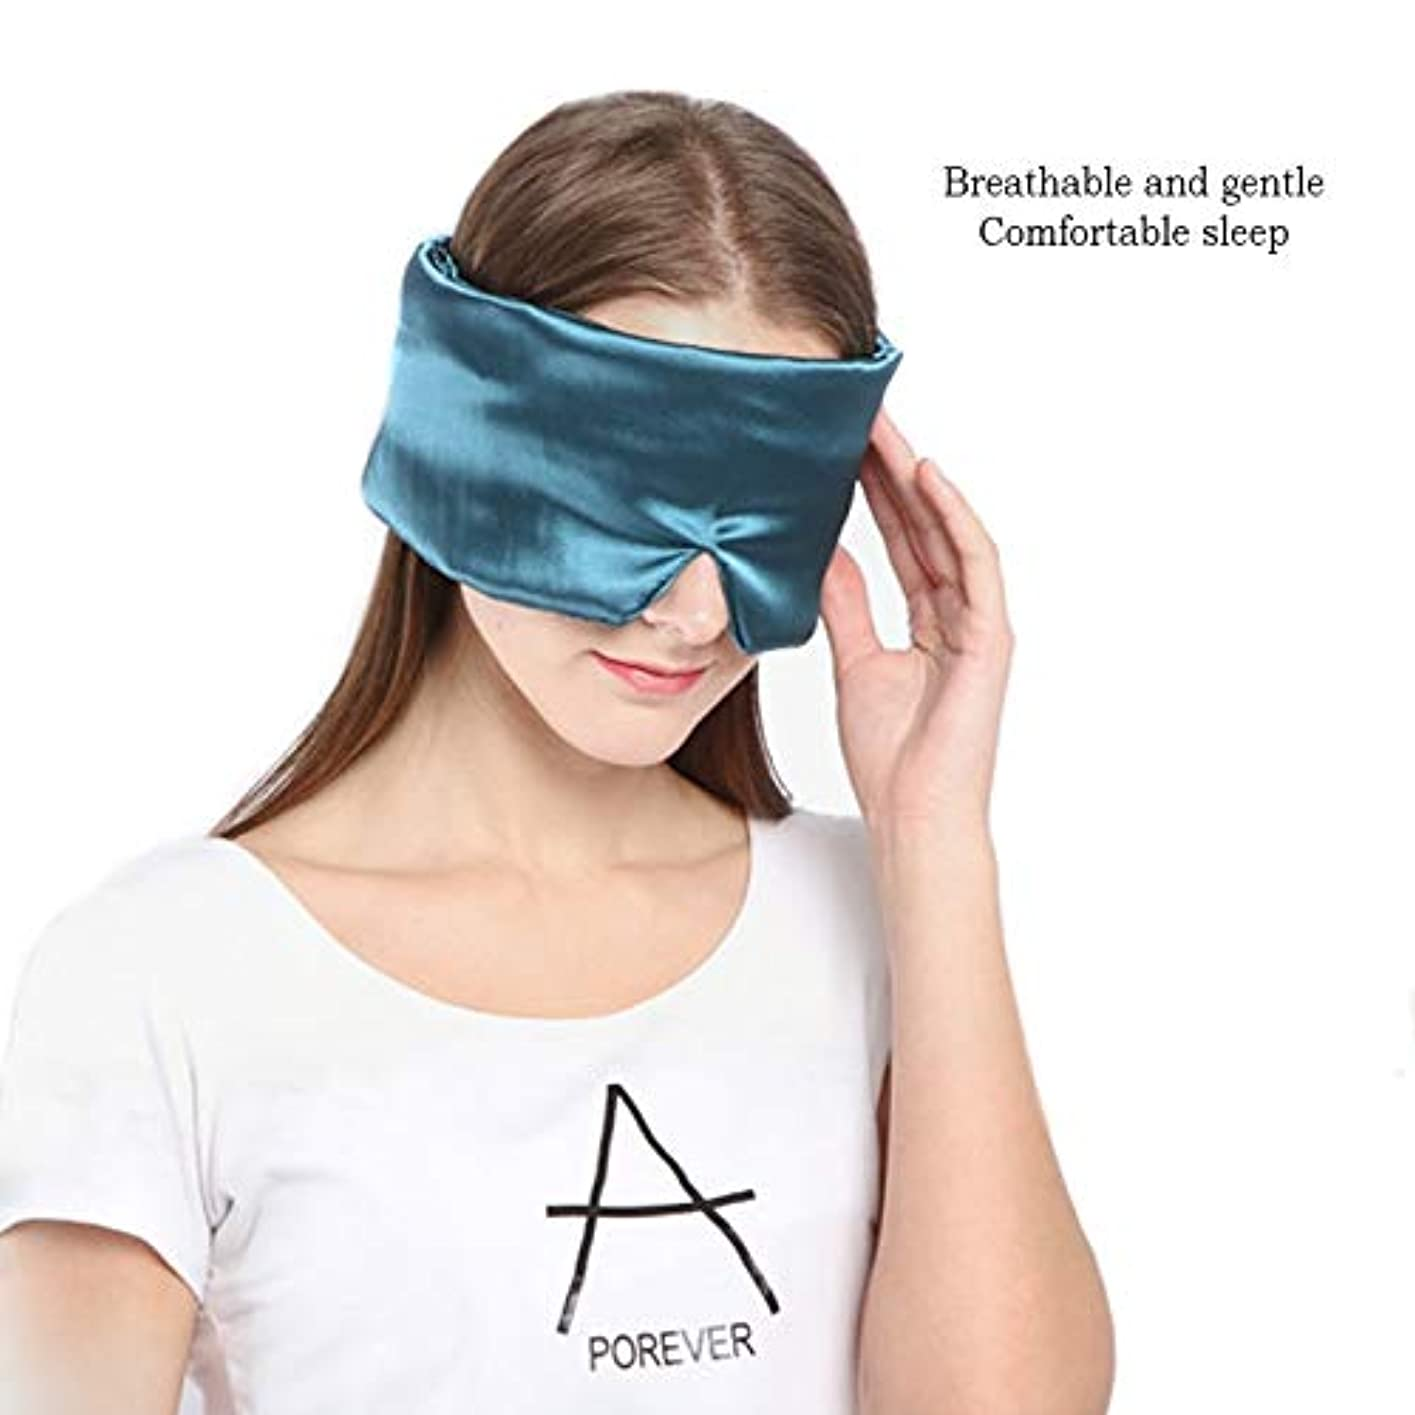 強制的ラフレシアアルノルディレオナルドダ注意純粋なシルクの睡眠休息のアイマスクパッド入りシェードカバー睡眠のアイマスク旅行リラックス補助目隠し睡眠アイシェード屋外接眼